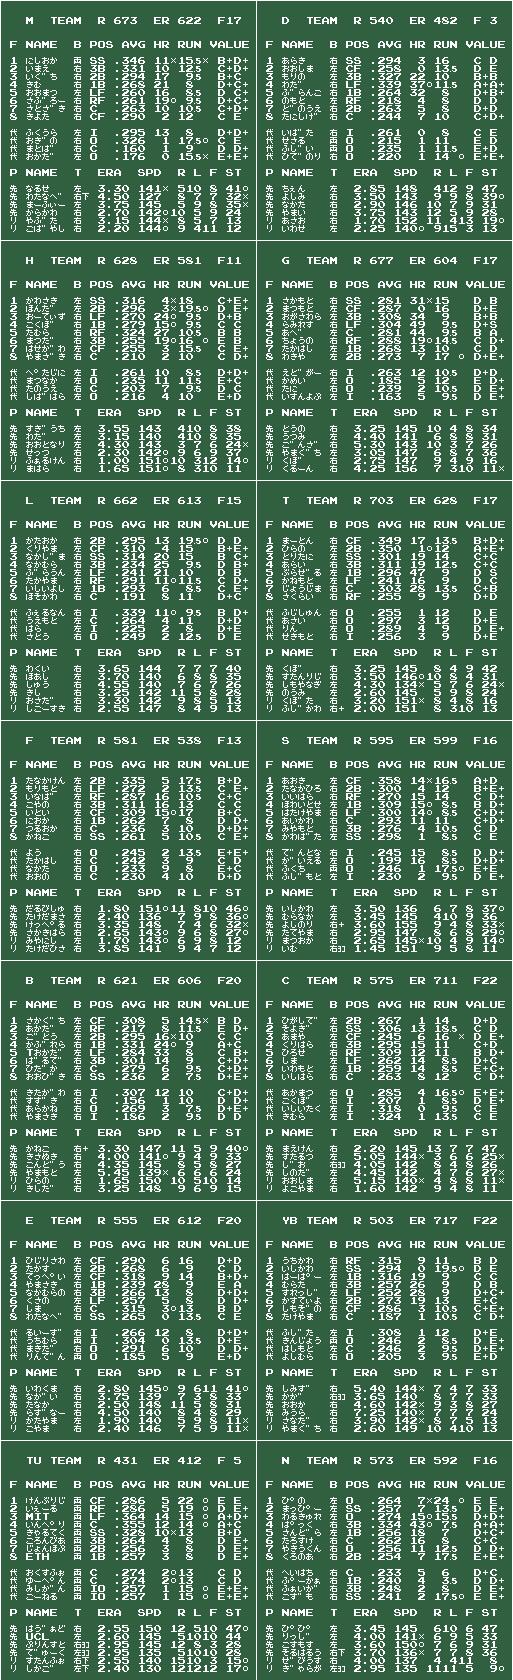 ファミスタ10 下剋上完 v2012/12/24 チームデータ